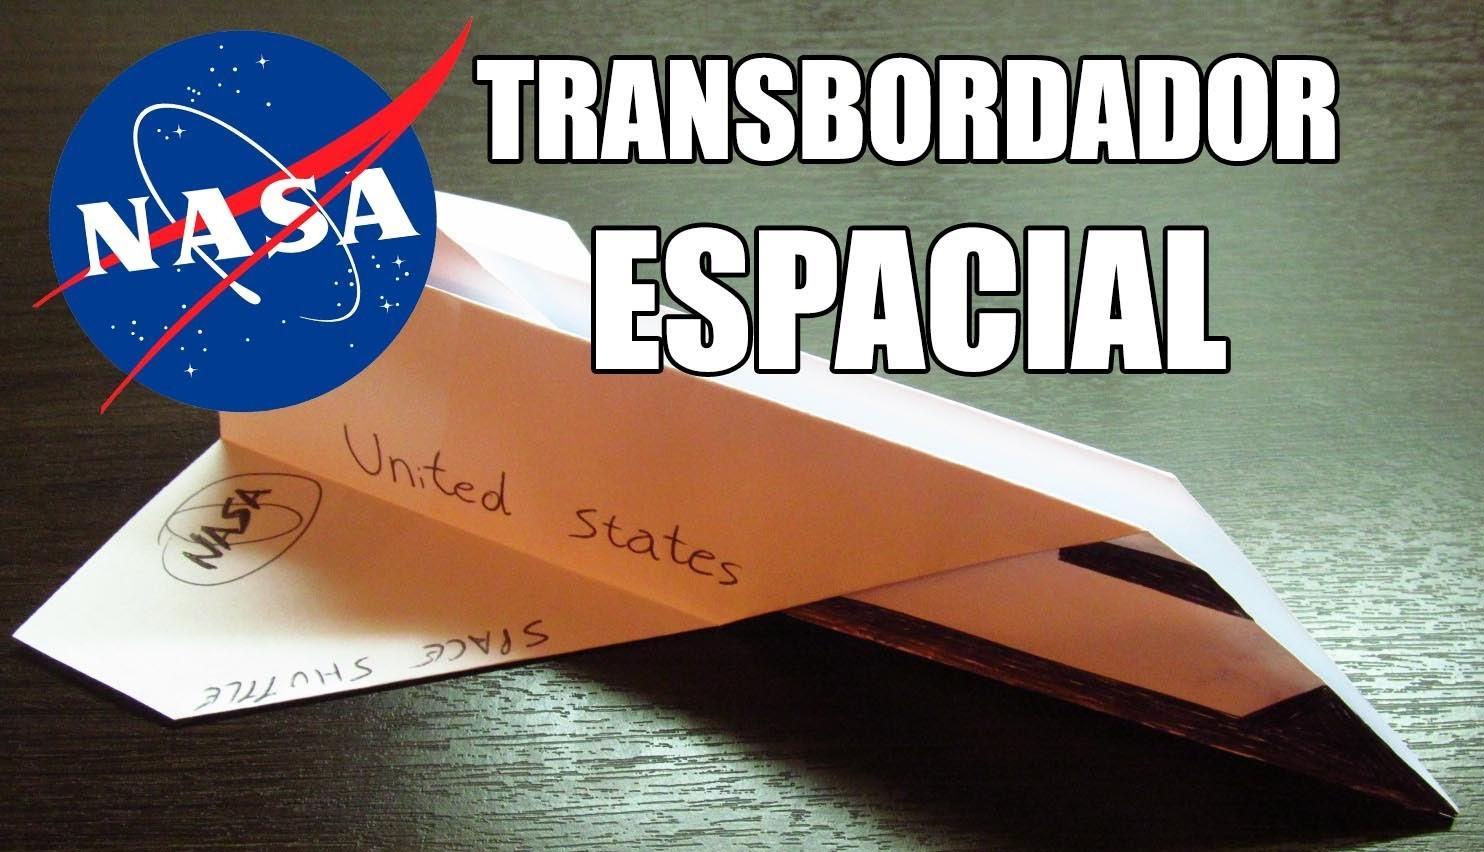 Como hacer un SPACE SHUTTLE con TURBOS | Aviones de papel TRANSBORDADOR de la NASA (Muy fácil)